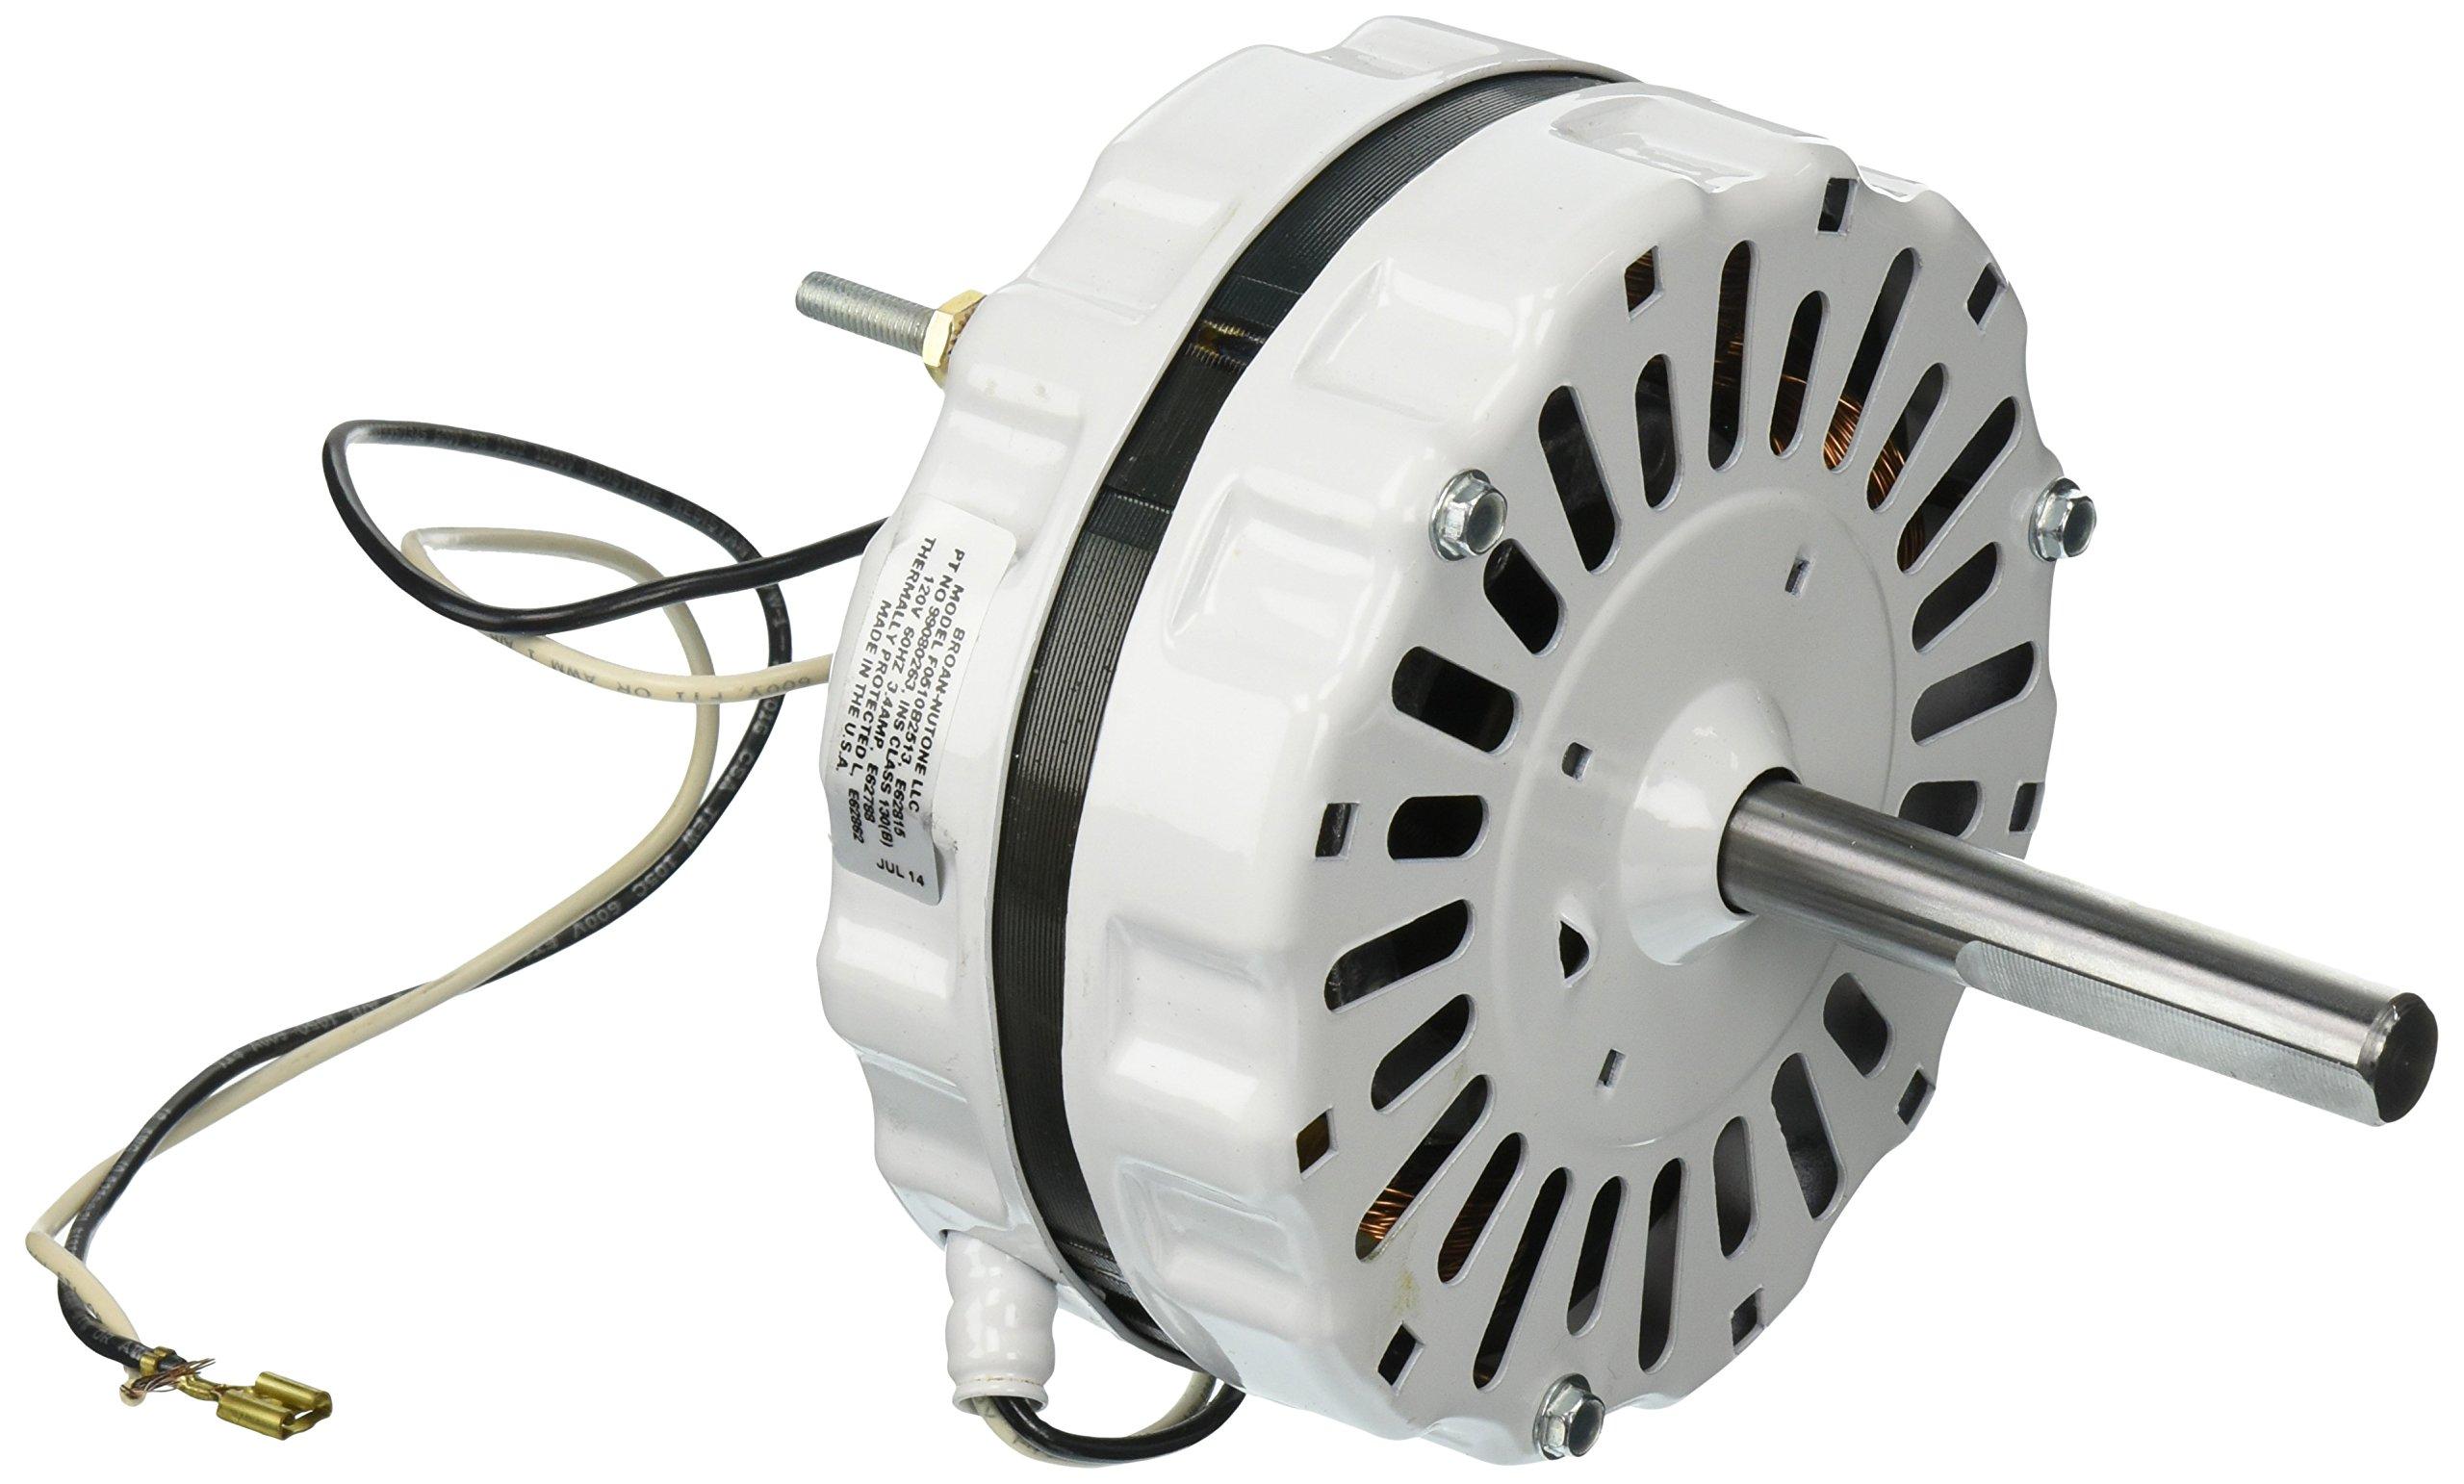 Broan S97009316 Attic Fan Replacement Motor